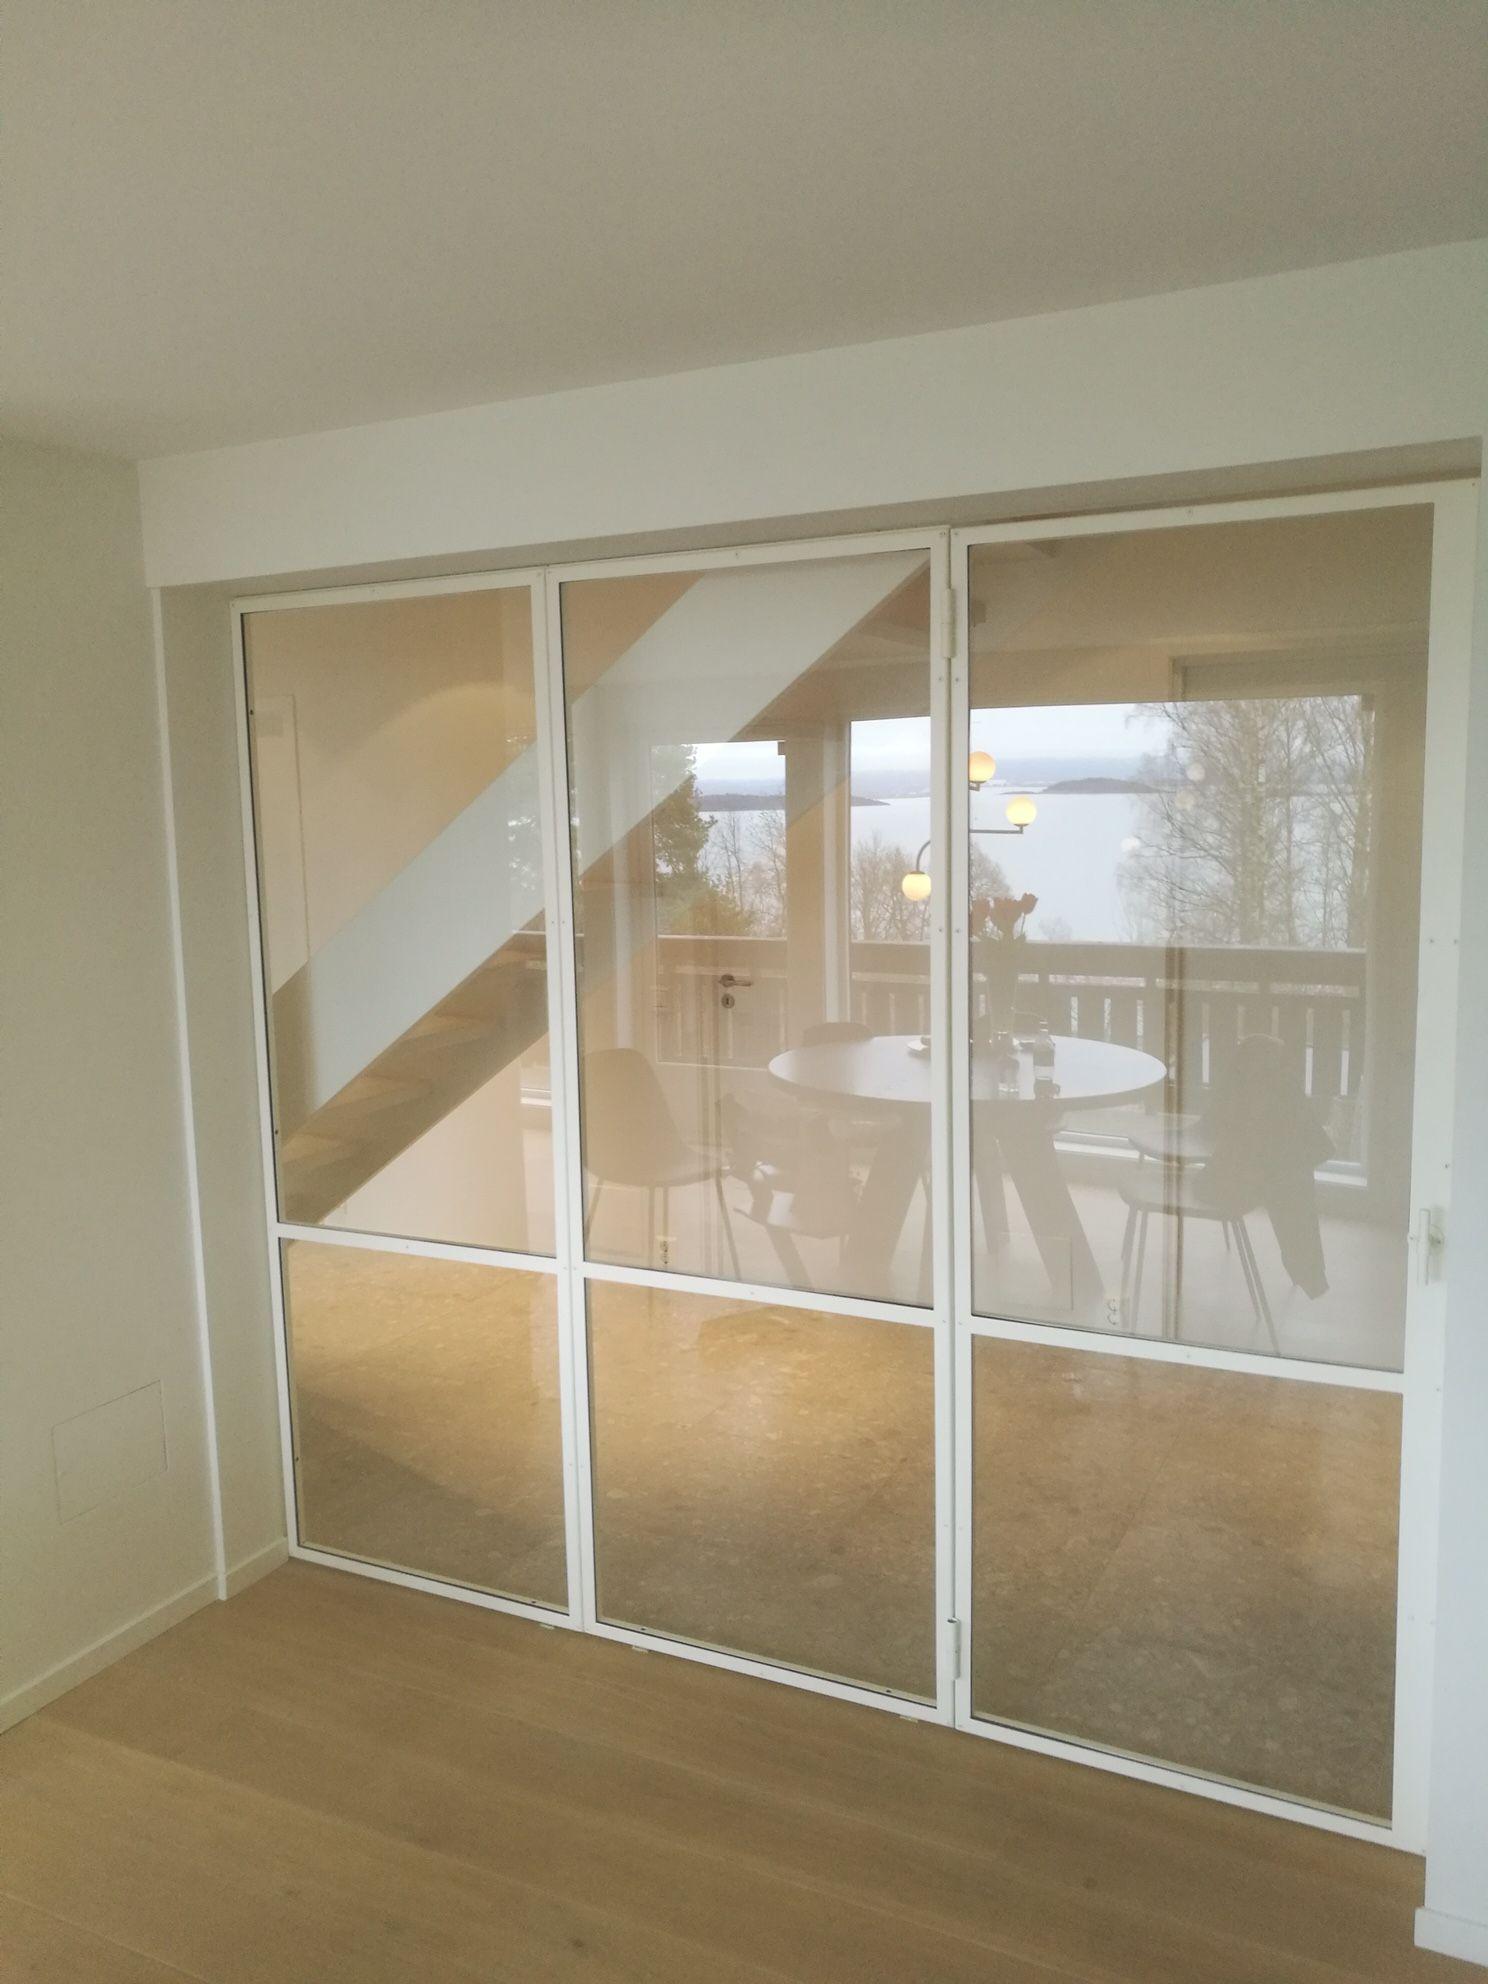 Glass wall / room divider / interior door / iron door / wrought iron / steel / metal and …